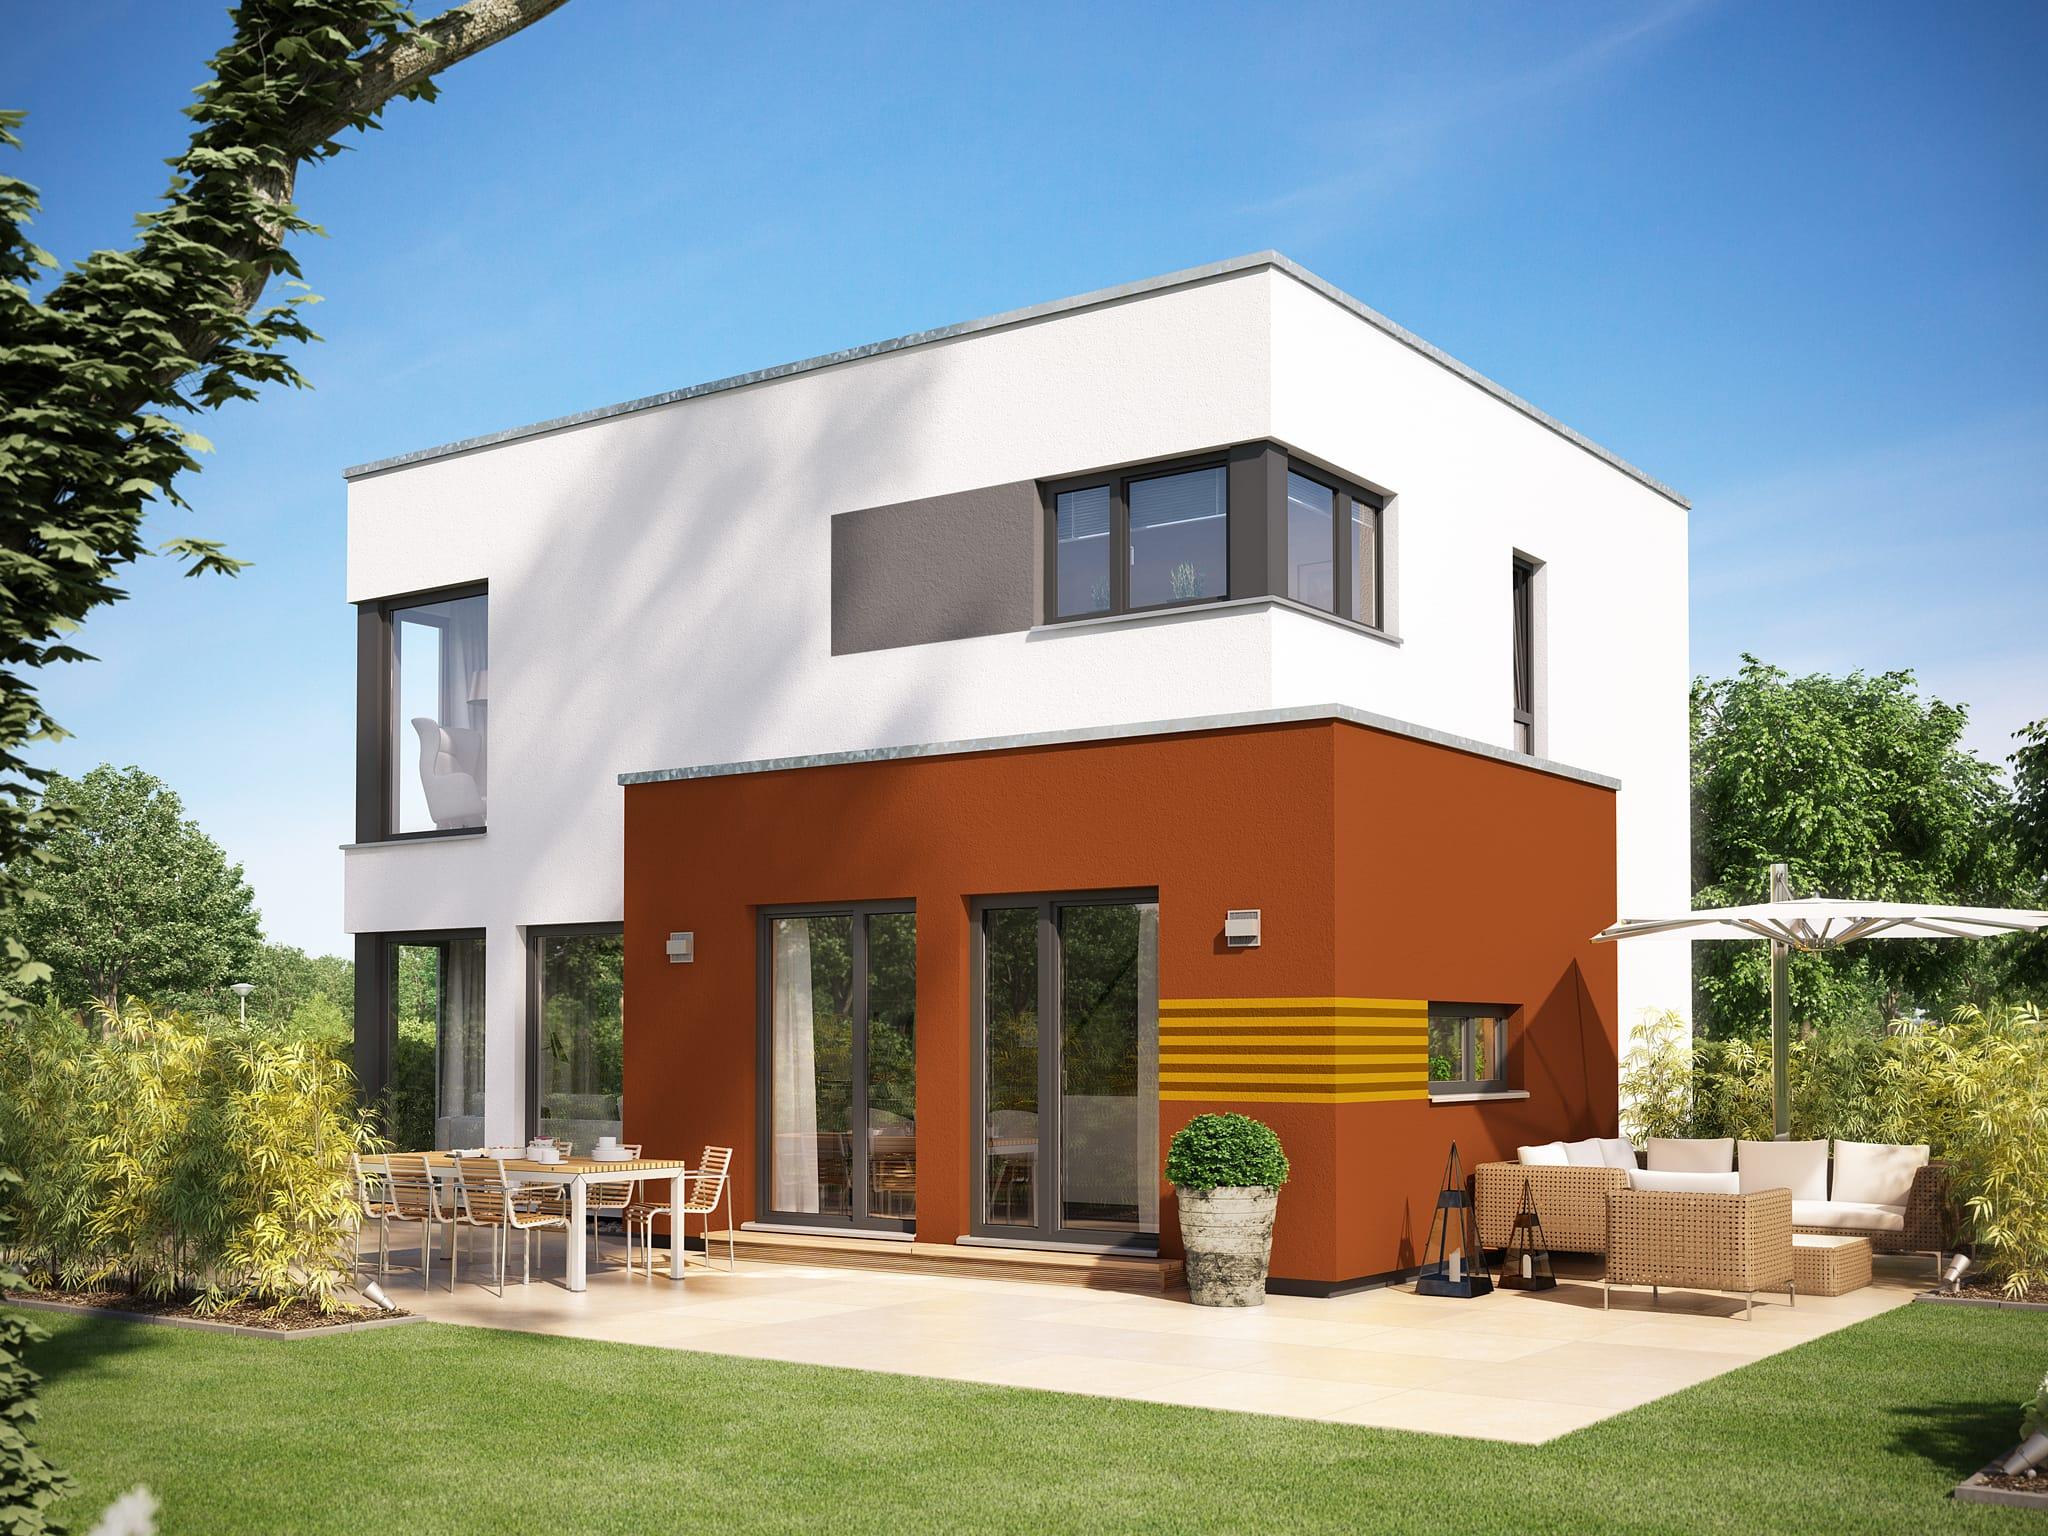 Einfamilienhaus Neubau modern mit Flachdach Architektur im Bauhausstil - Haus bauen Ideen Fertighaus Stadtvilla SUNSHINE 113 V8 von Living Haus - HausbauDirekt.de